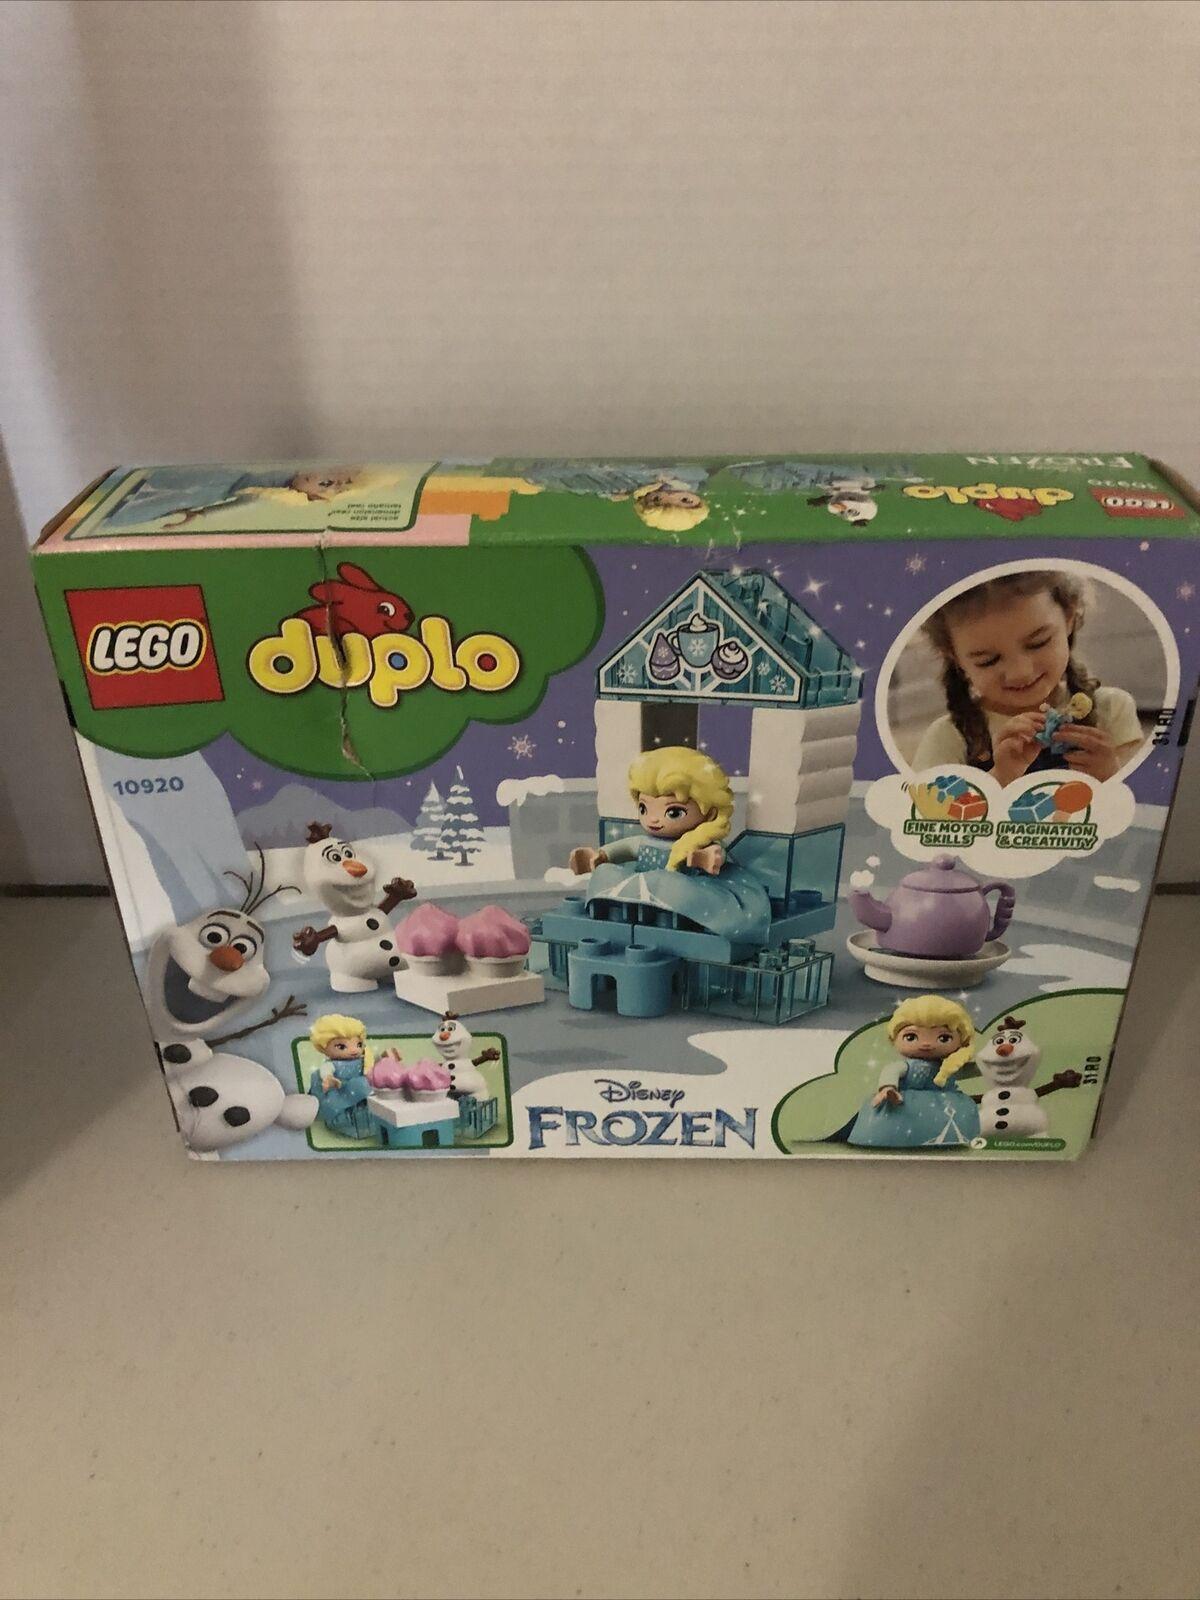 1 x LEGO® Duplo Figur Disney Frozen Olaf Schneemann aus Set 10920 neu.